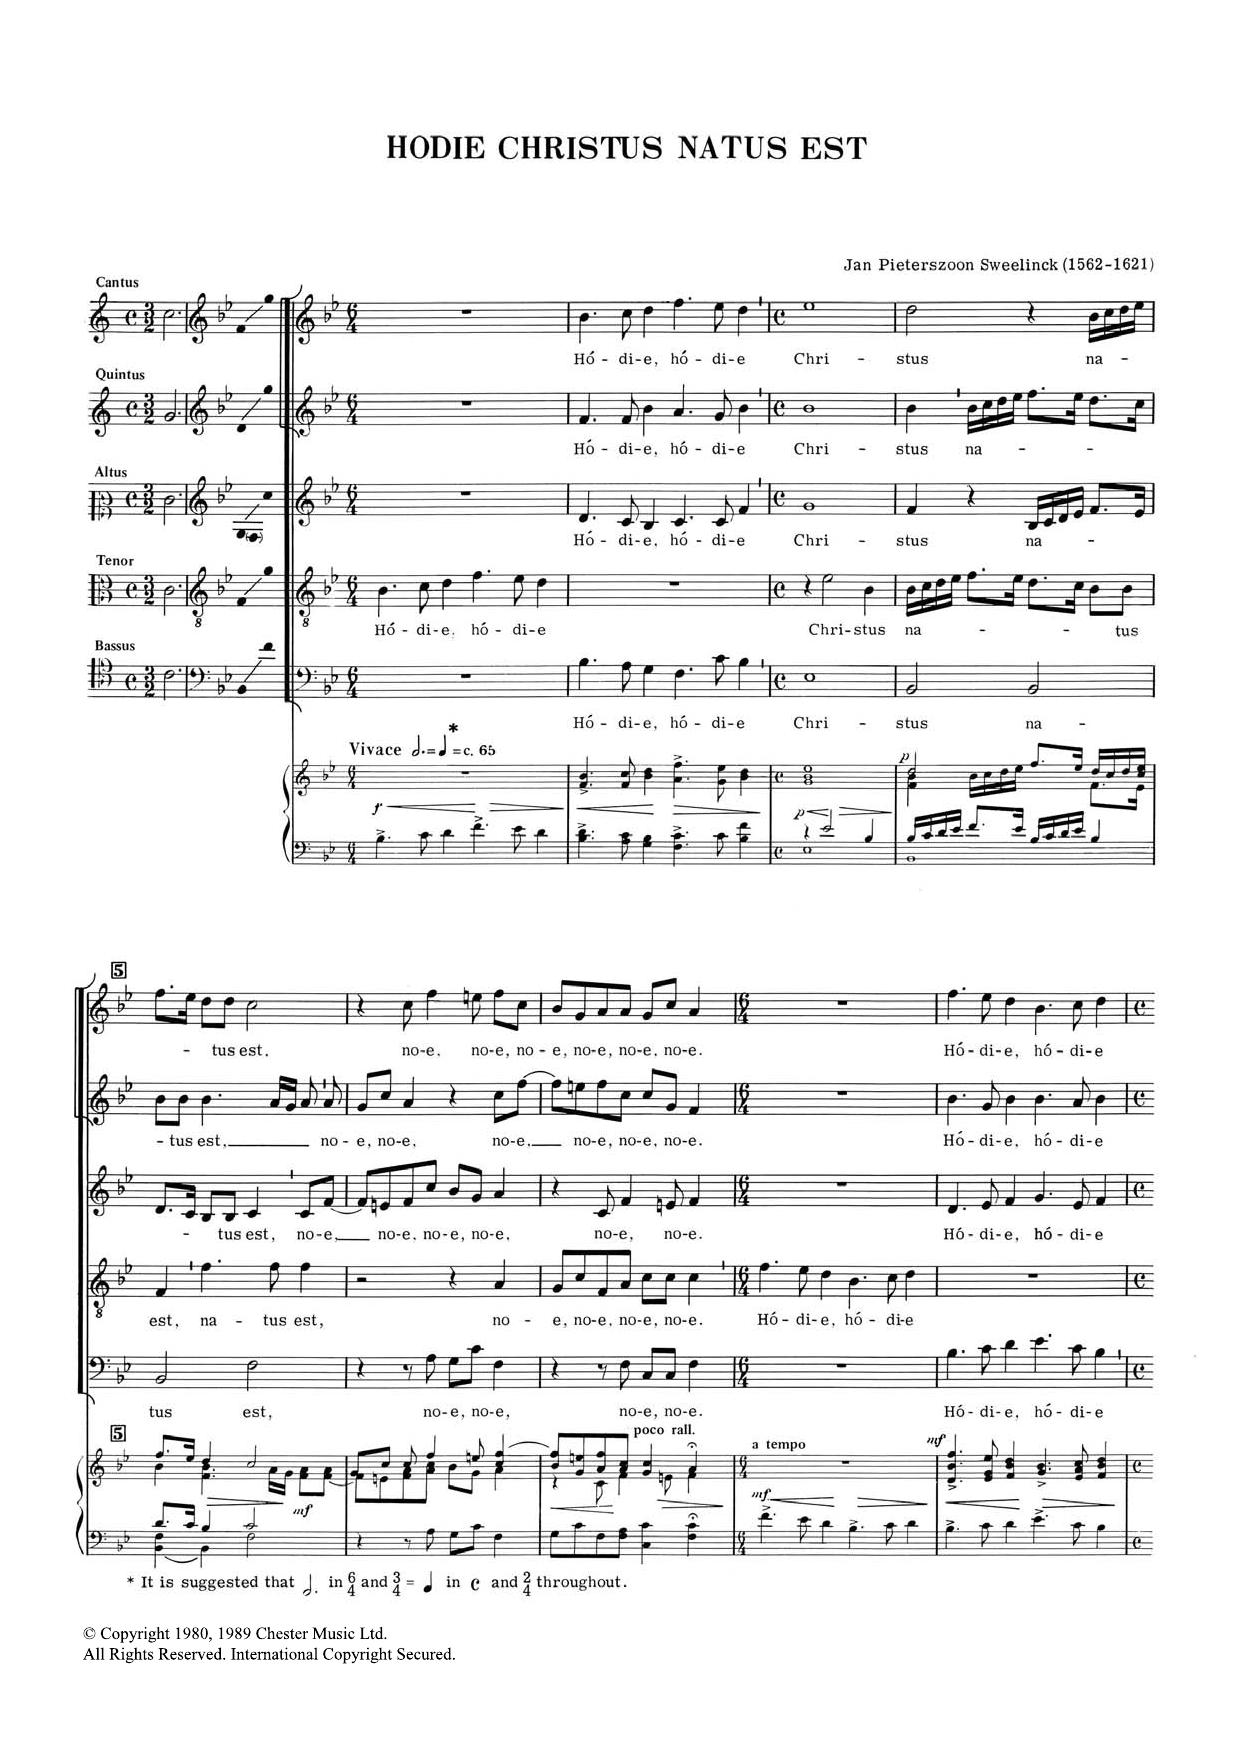 Hodie Chrustus Natus Est Sheet Music